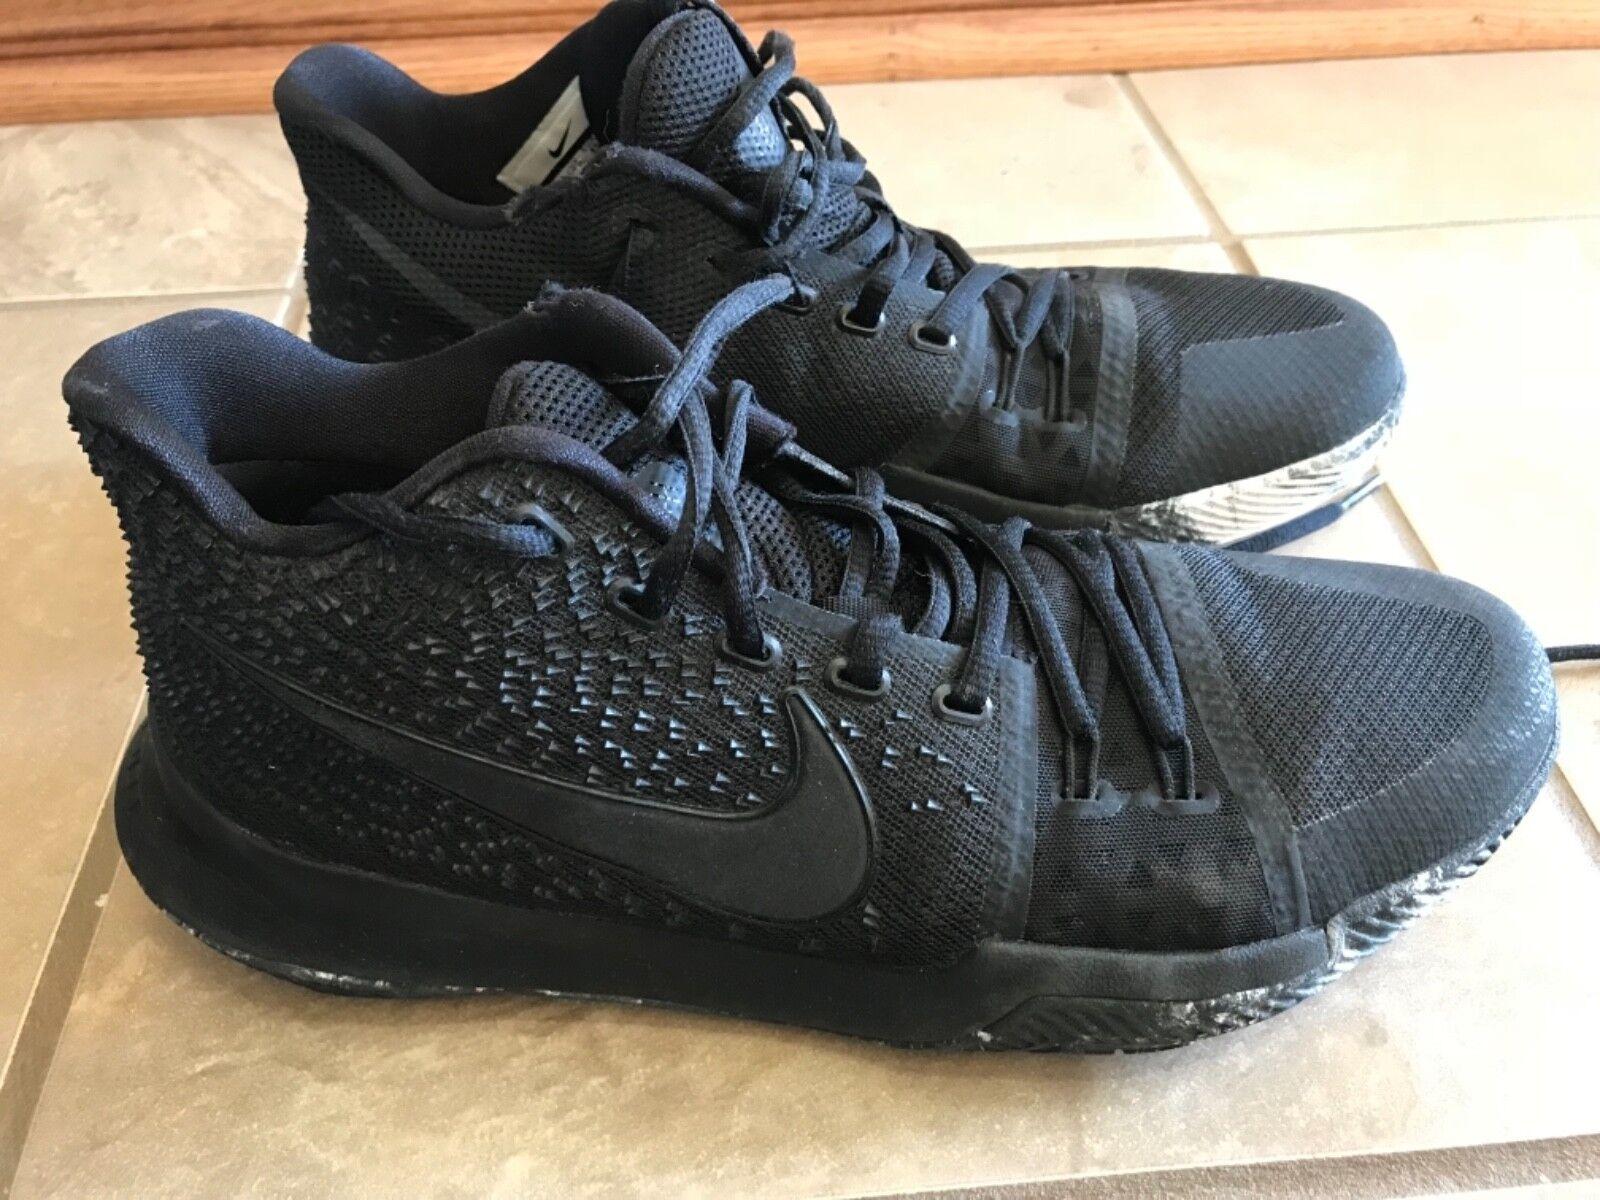 Nike KyrieZoom black basketball shoes 10.5